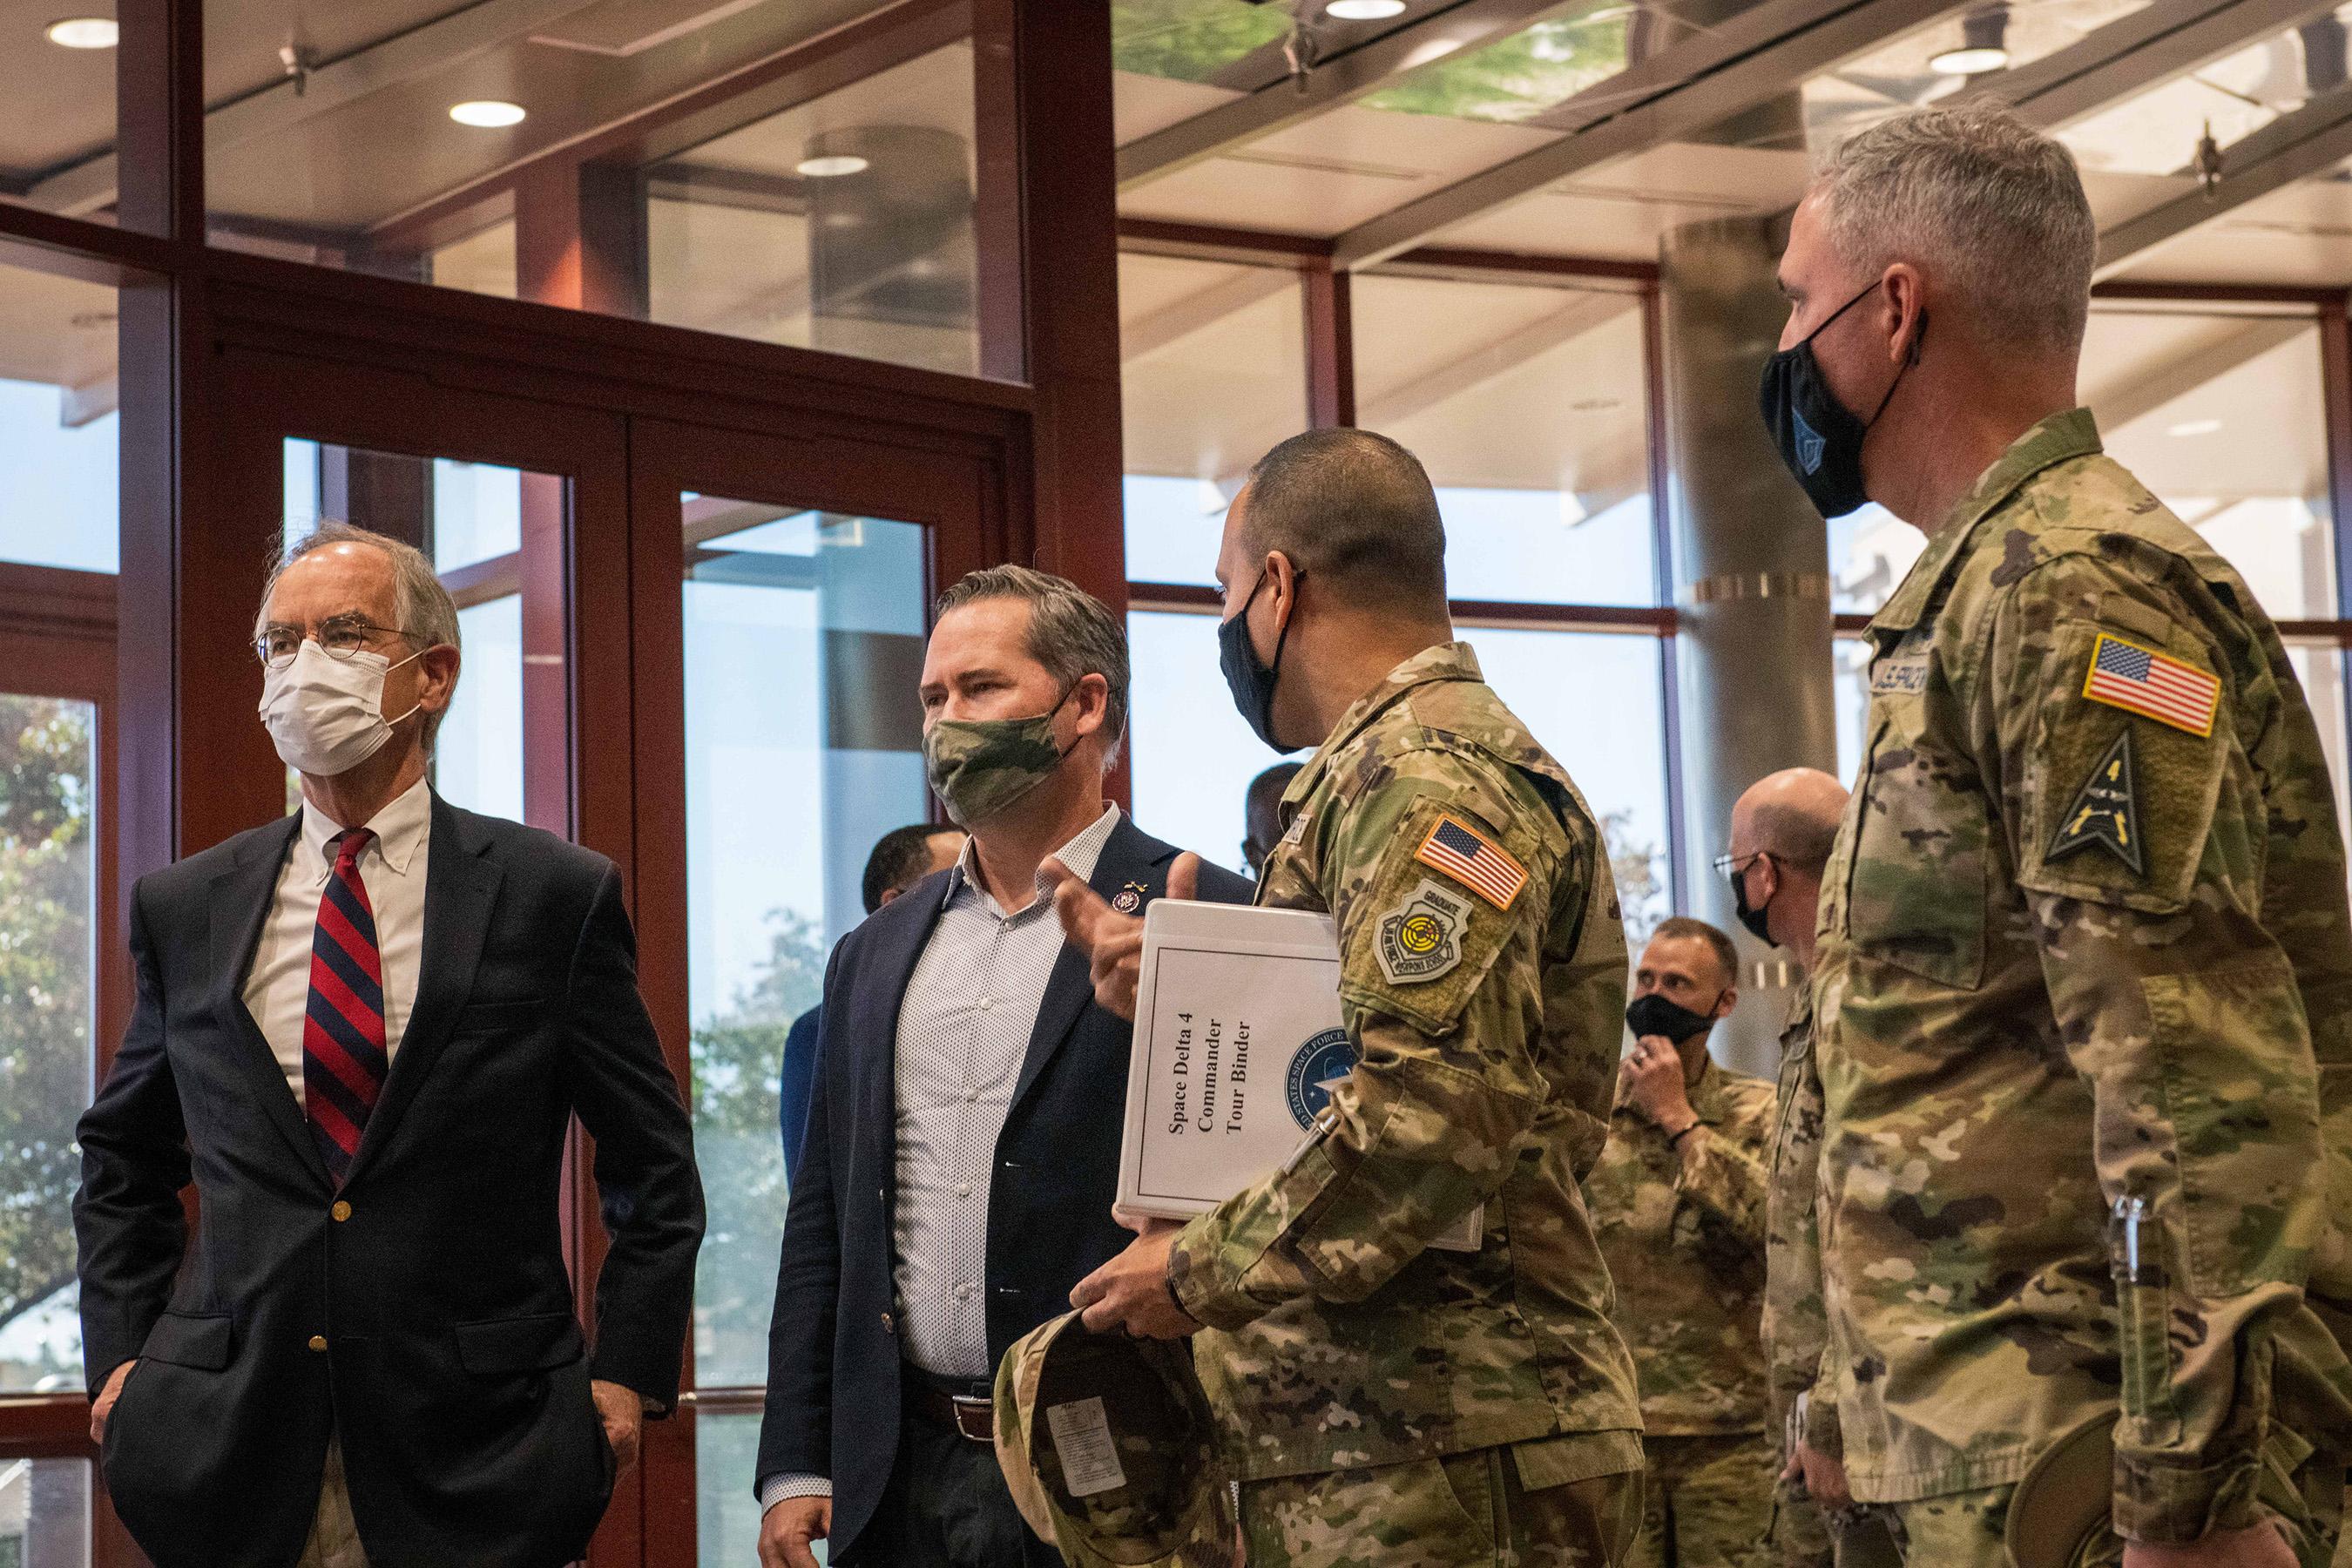 U.S. Representatives visit Buckley SFB